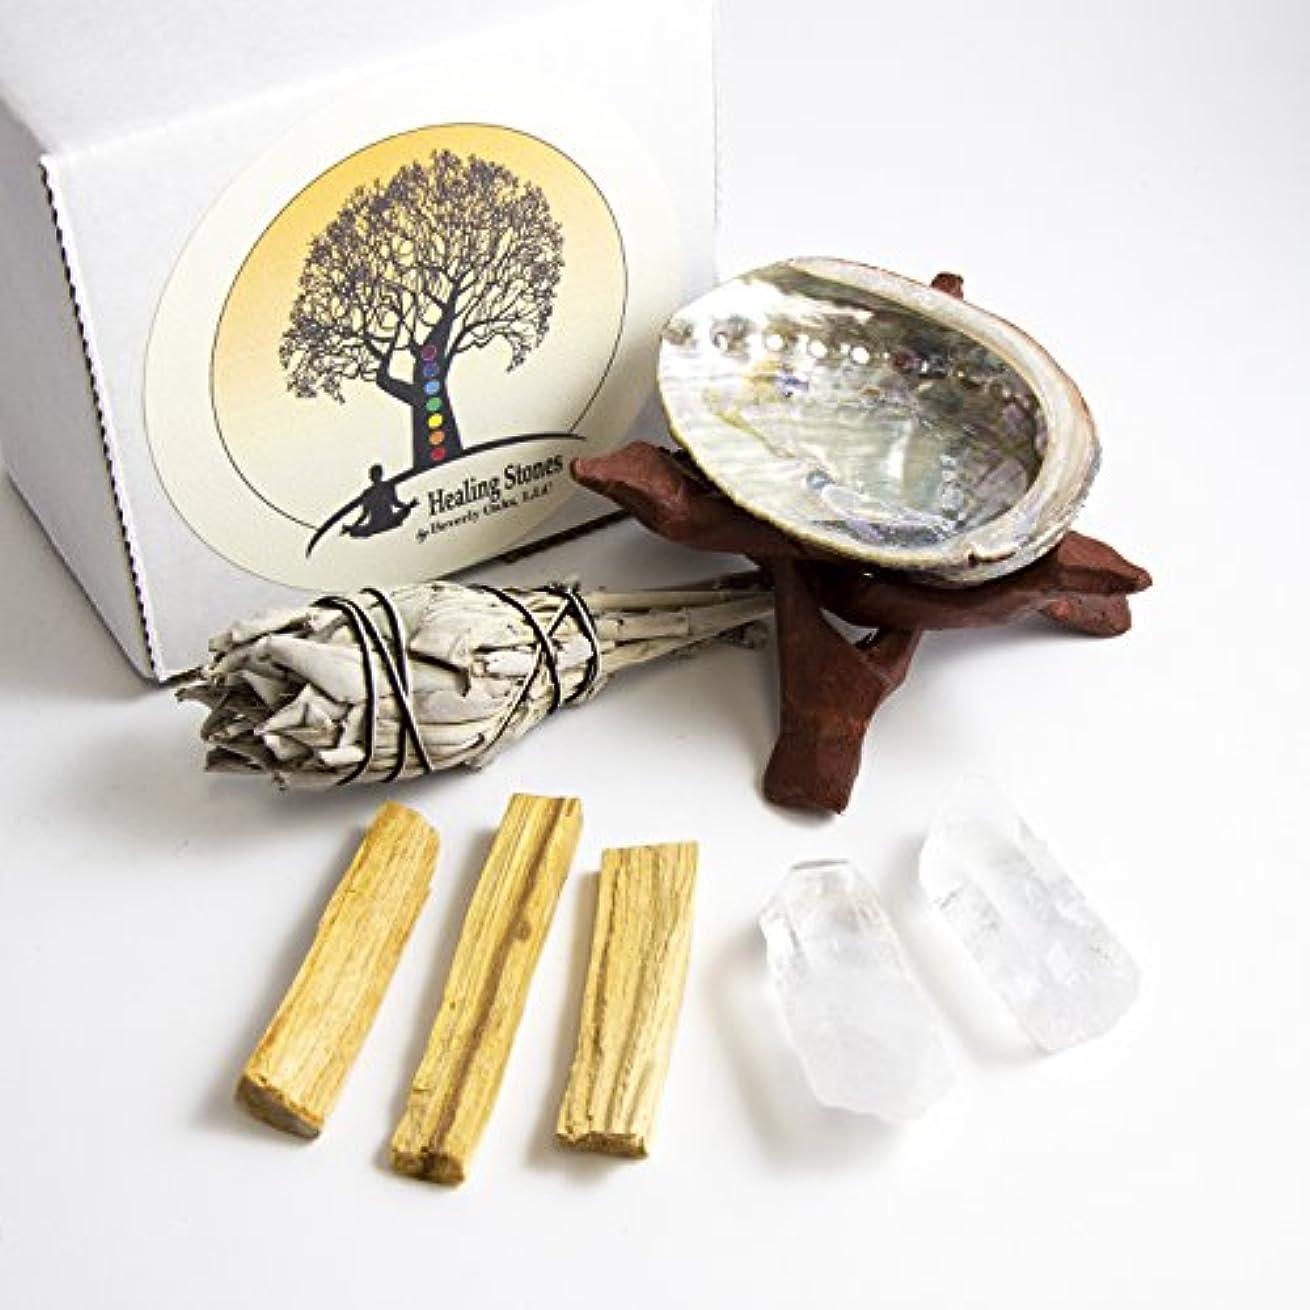 根拠未払い地域のBeverly Oaks瞑想Ritualキット – 2 Clear Quartz Crystals , Palo Santoスティック、カリフォルニアホワイトセージスティック、アワビシェル、コブラスタンド – Healing...